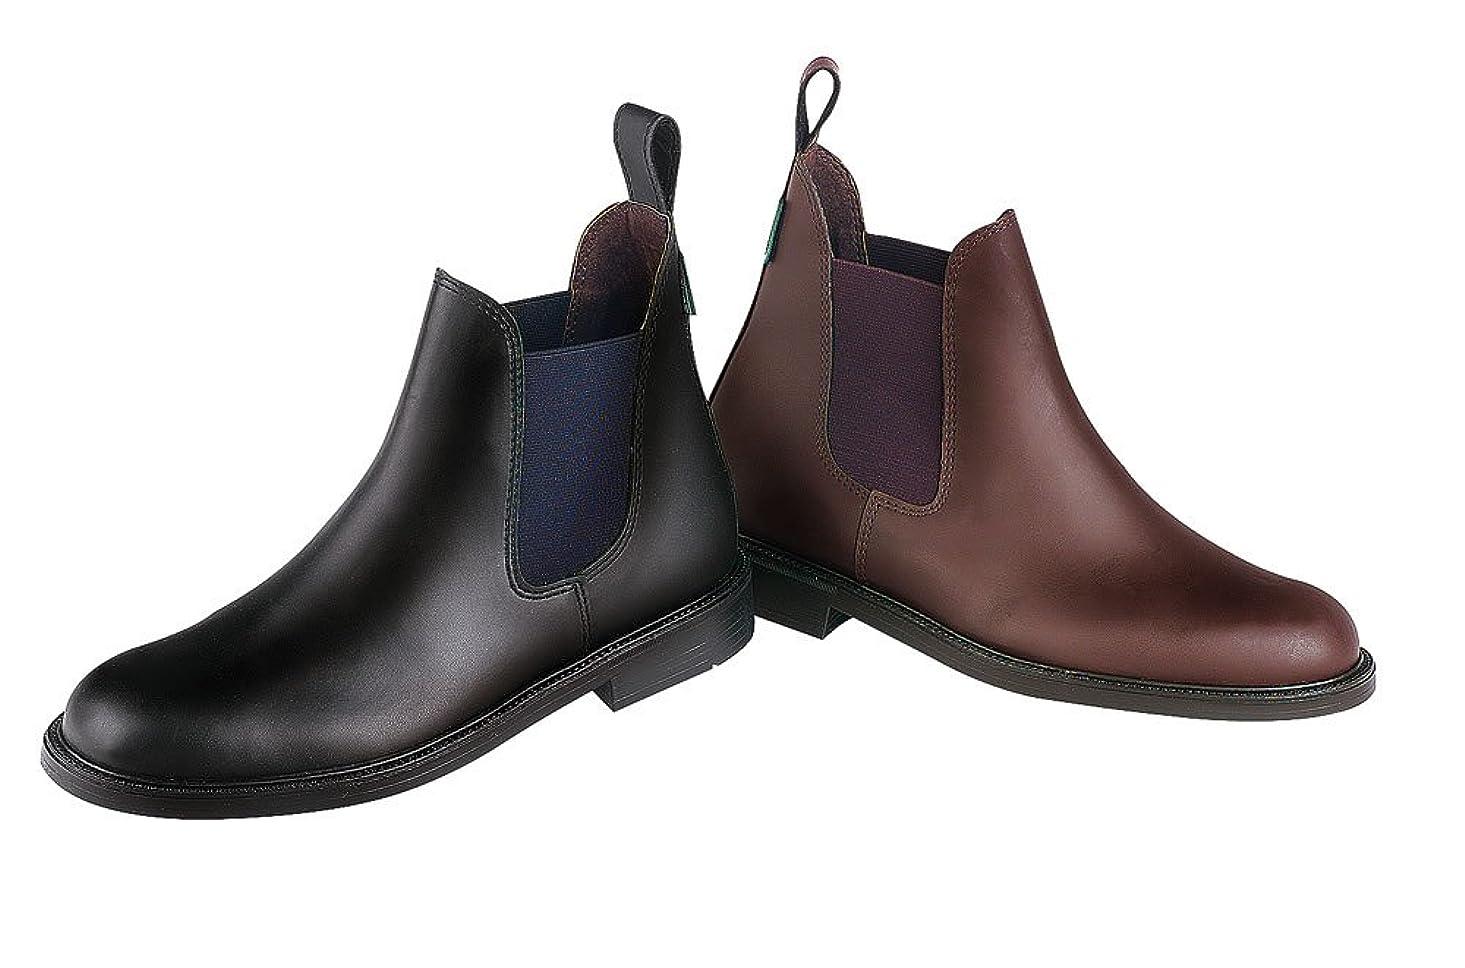 レイアウト整然とした動的EKKIA(エキア) 乗馬用ブーツ ブラック NORTON EPSON SYNT.BLK BOOTS 42 914002042 914002042